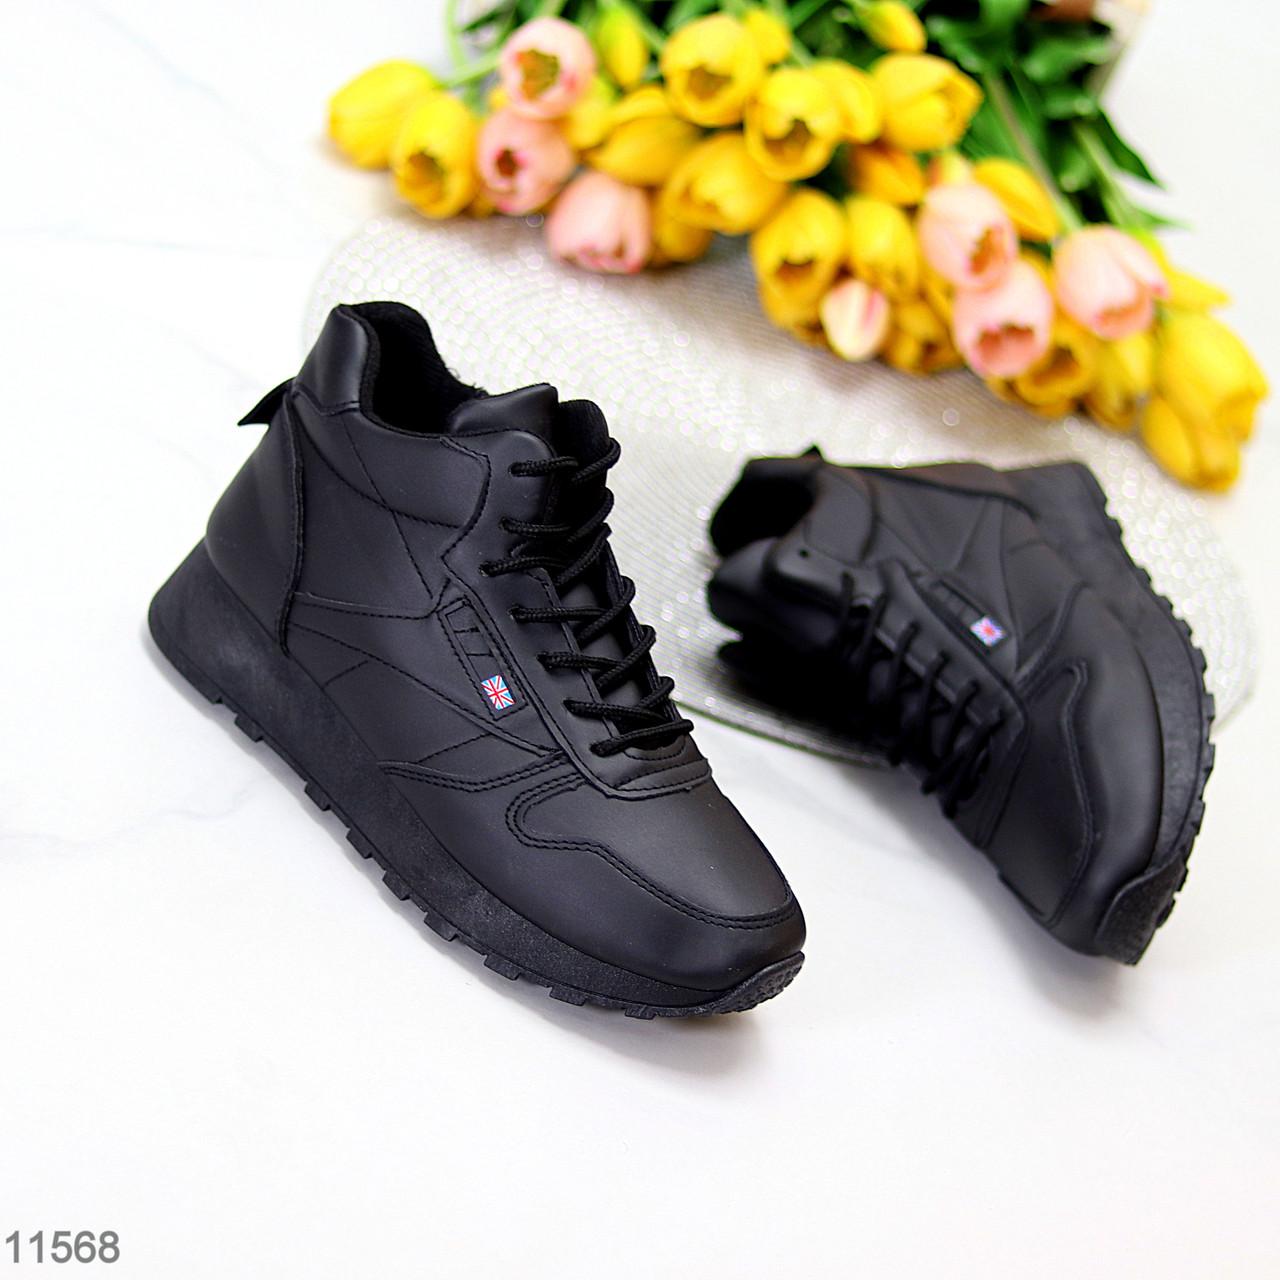 Высокие женские кроссовки- хайтопы черные эко кожа